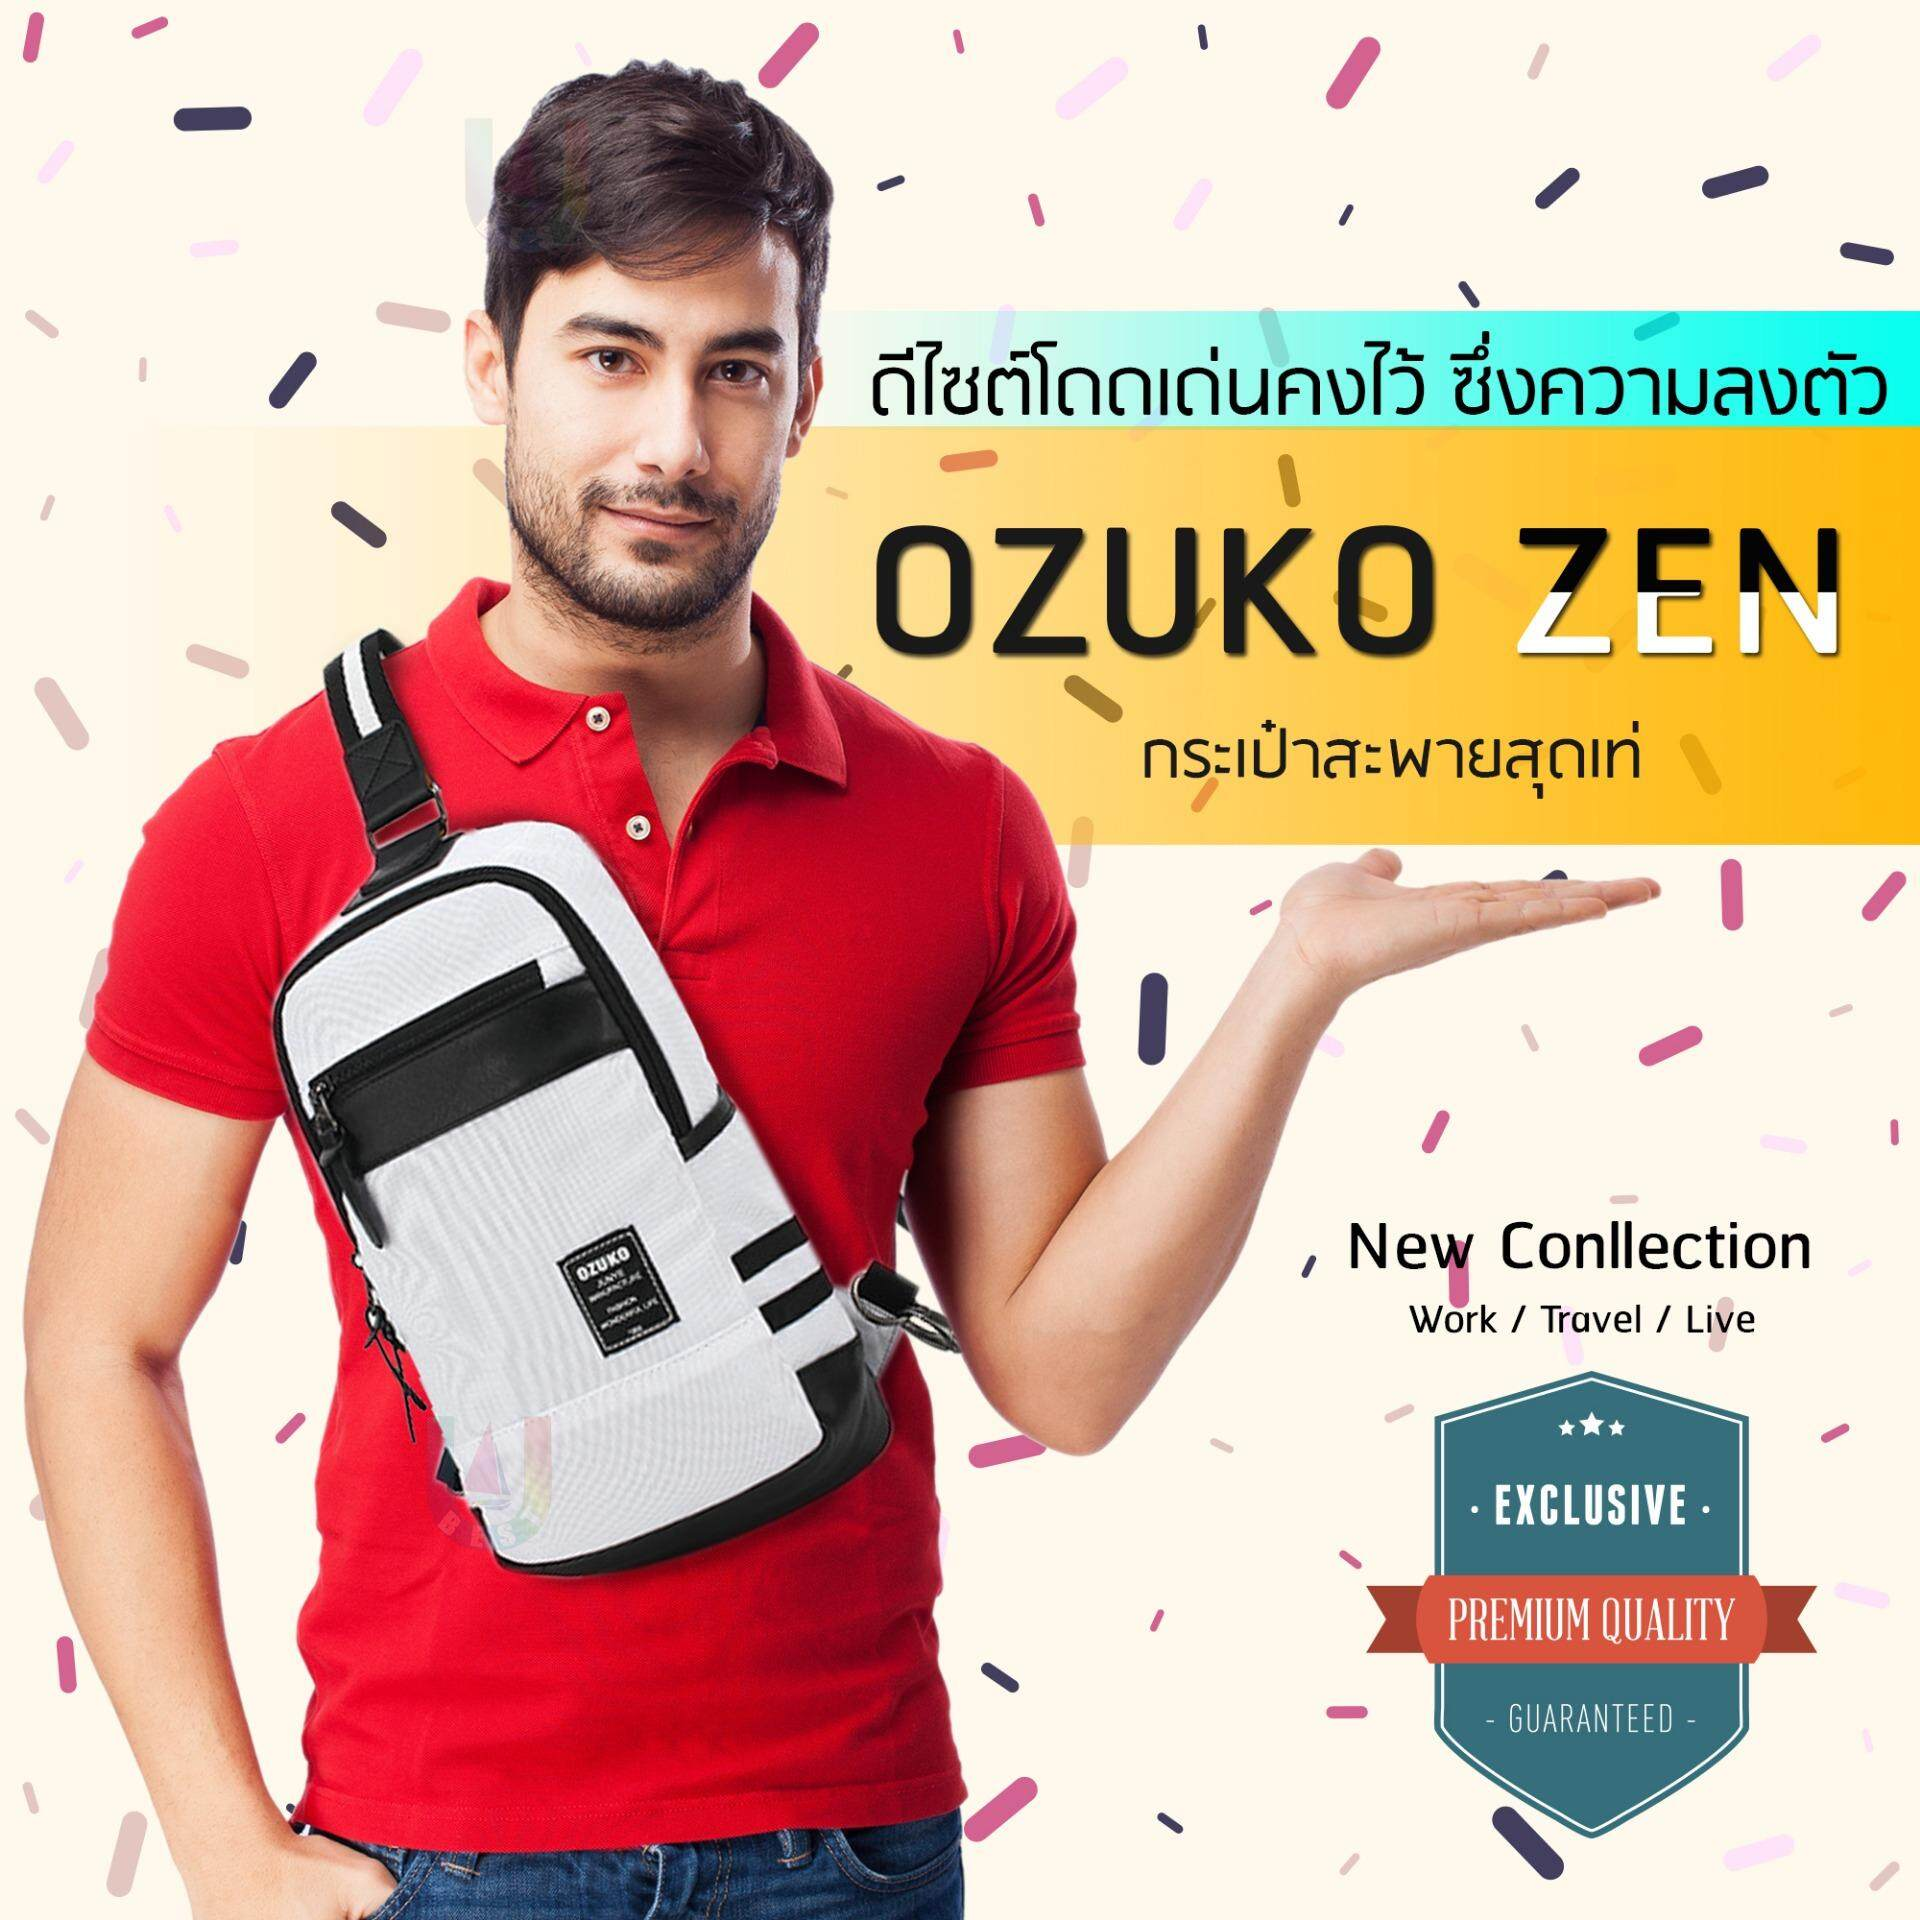 ขาย กระเป๋าสะพายข้าง อเนกประสงค์ใส่ของได้เยอะ สามารถใส่ I Pad Mini ได้ Ozuko รุ่น Zen สีขาว ออนไลน์ ใน กรุงเทพมหานคร